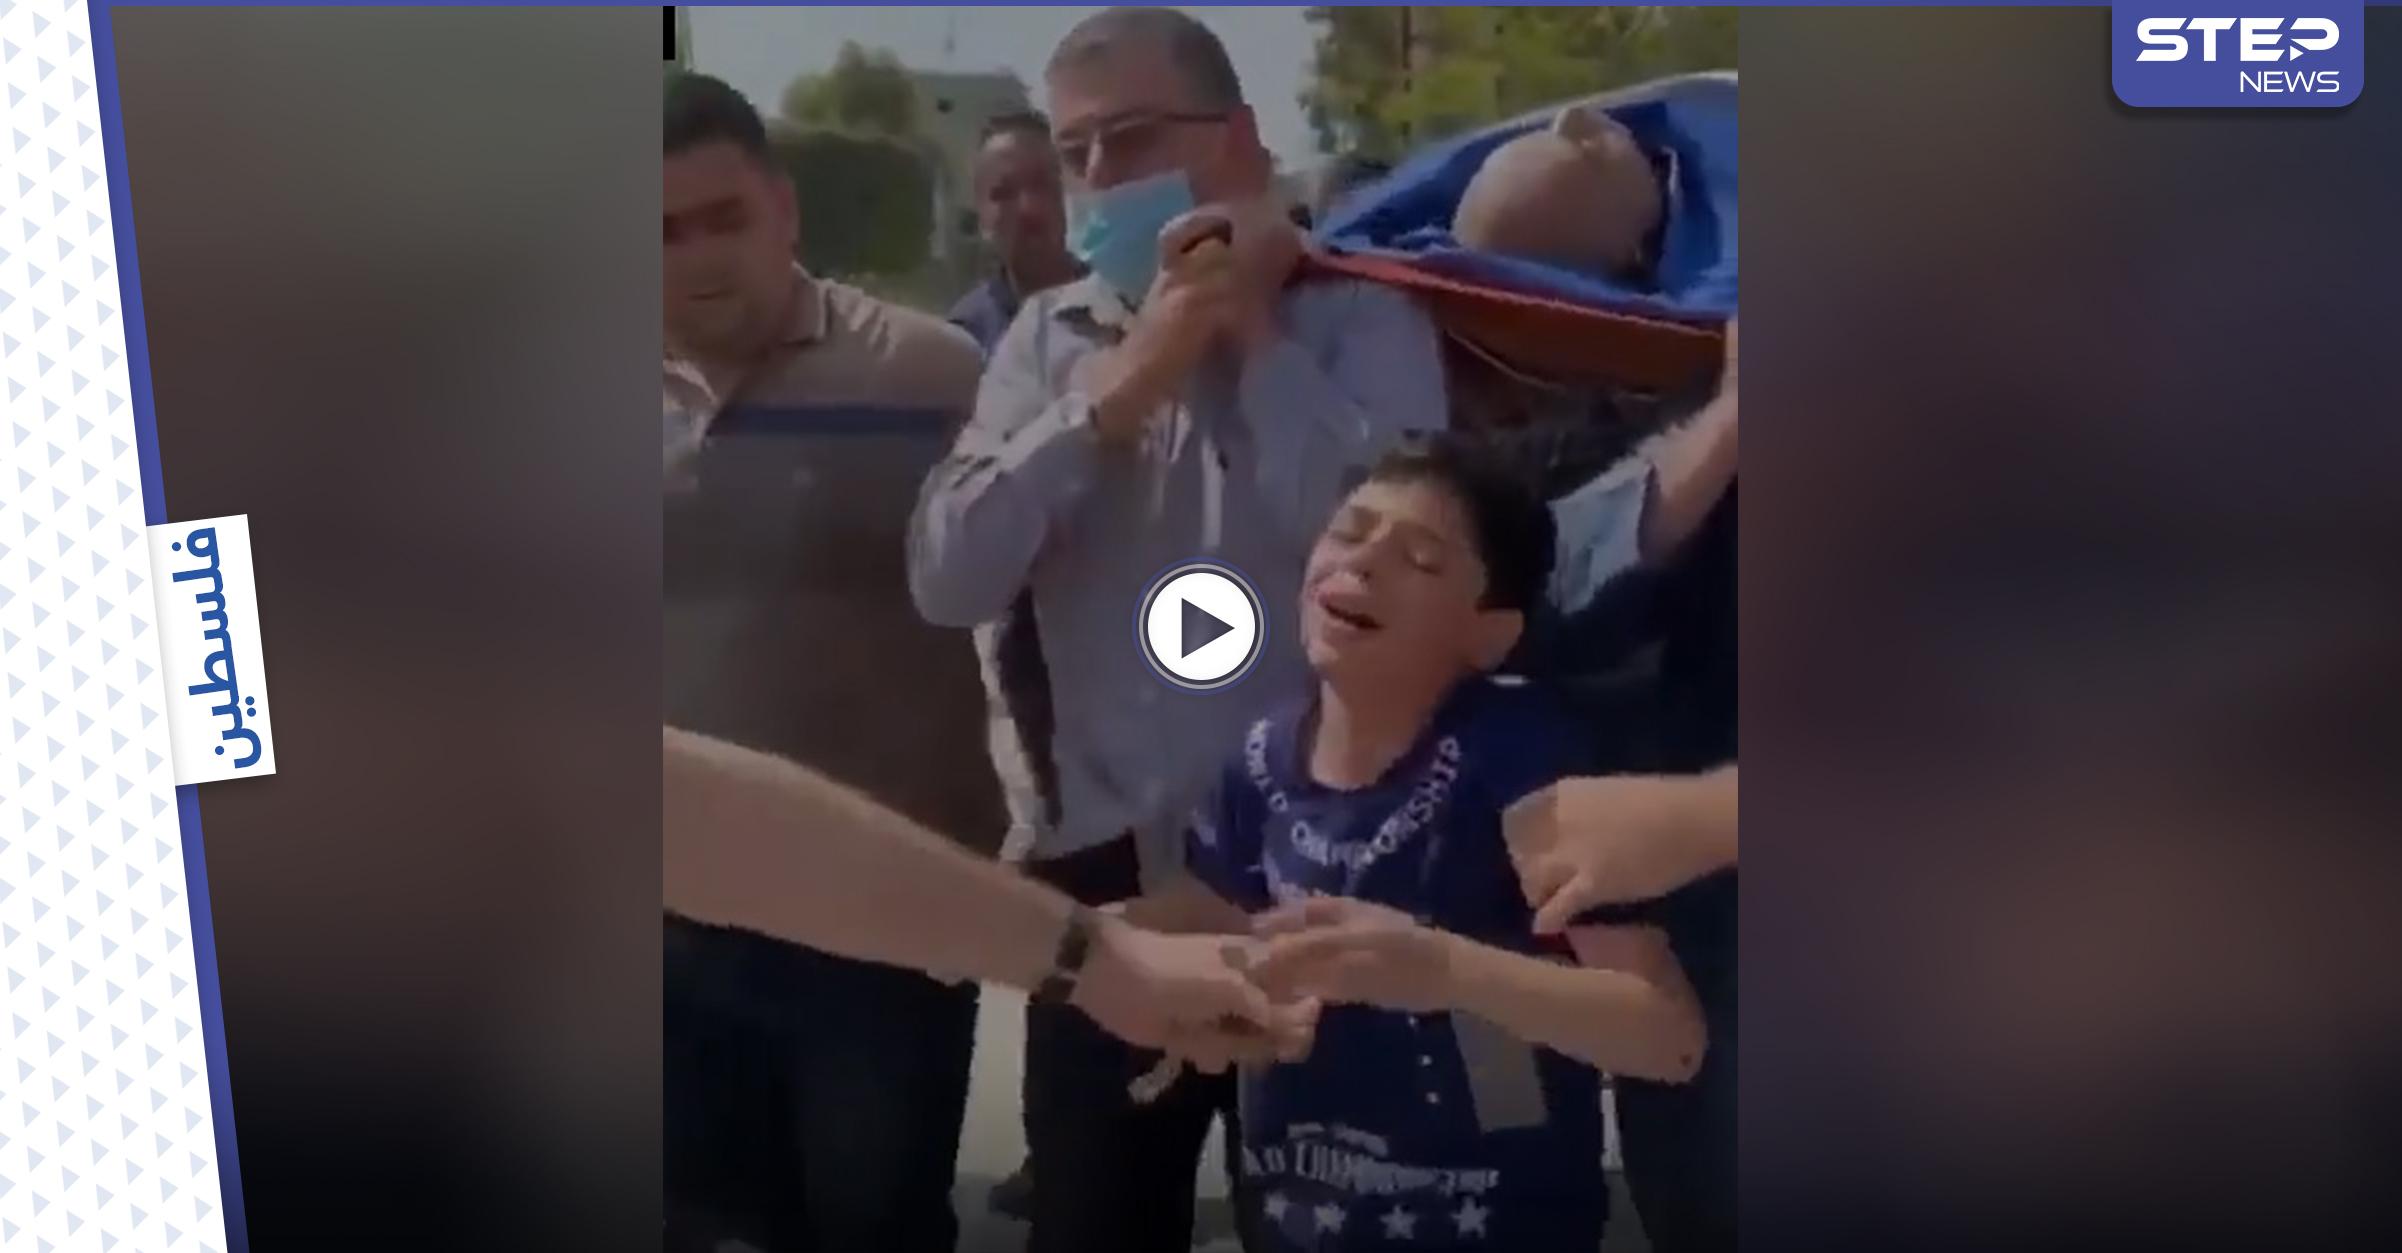 """بالفيديو   بكلمات مؤثرة طفل فلسطيني يودع والده """"الشهيد"""" أثناء تشييعه في غزة"""